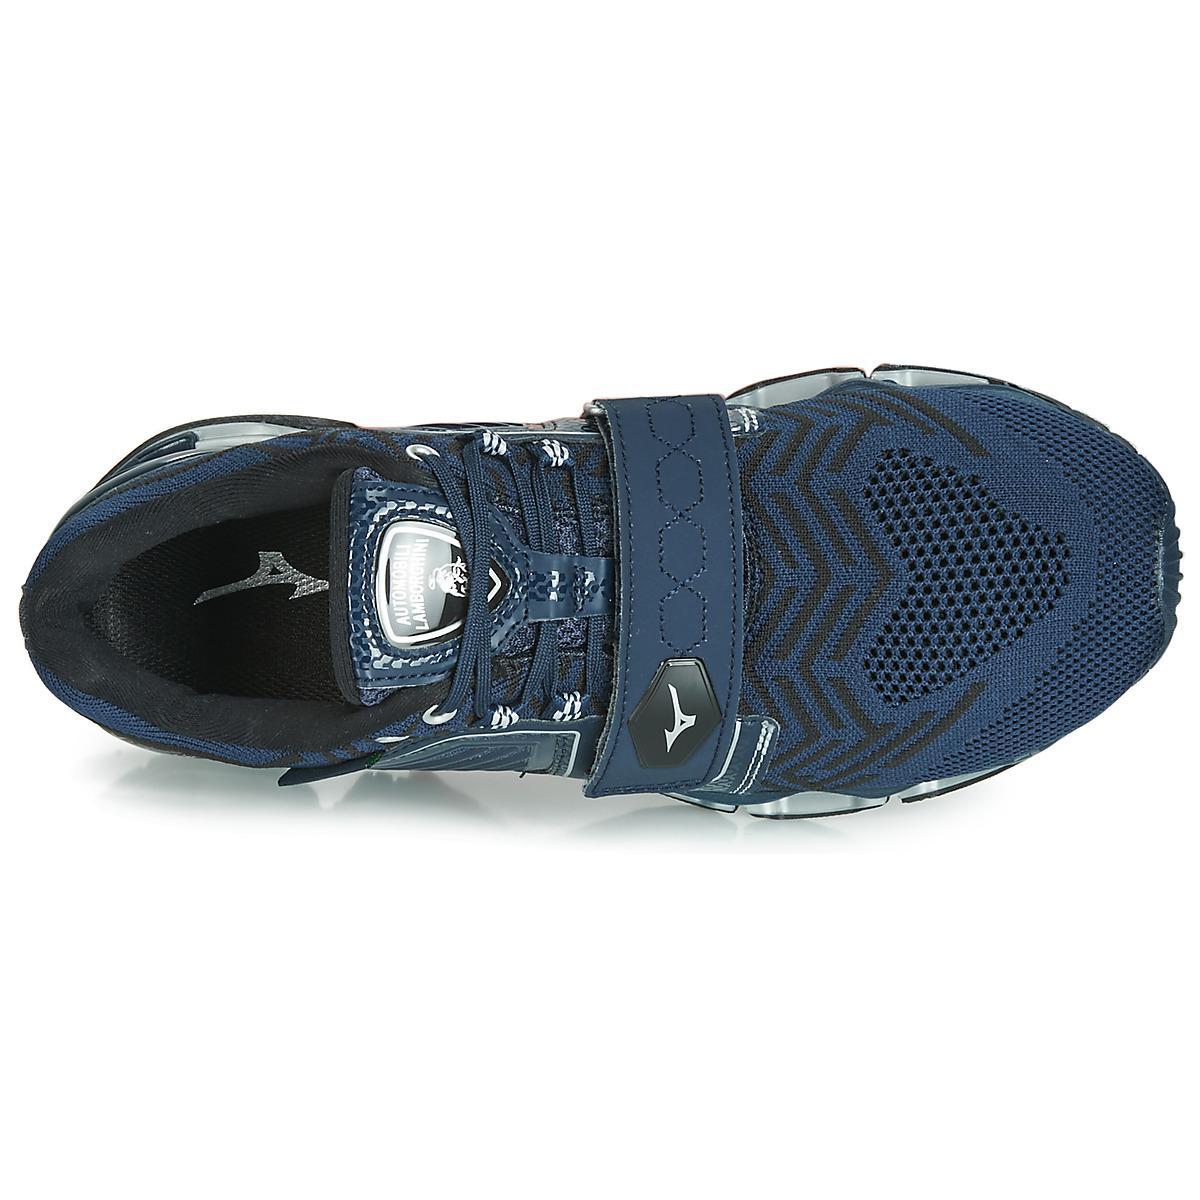 Mizuno Hardloopschoenen Wave Tenjin 5 in het Blauw voor heren